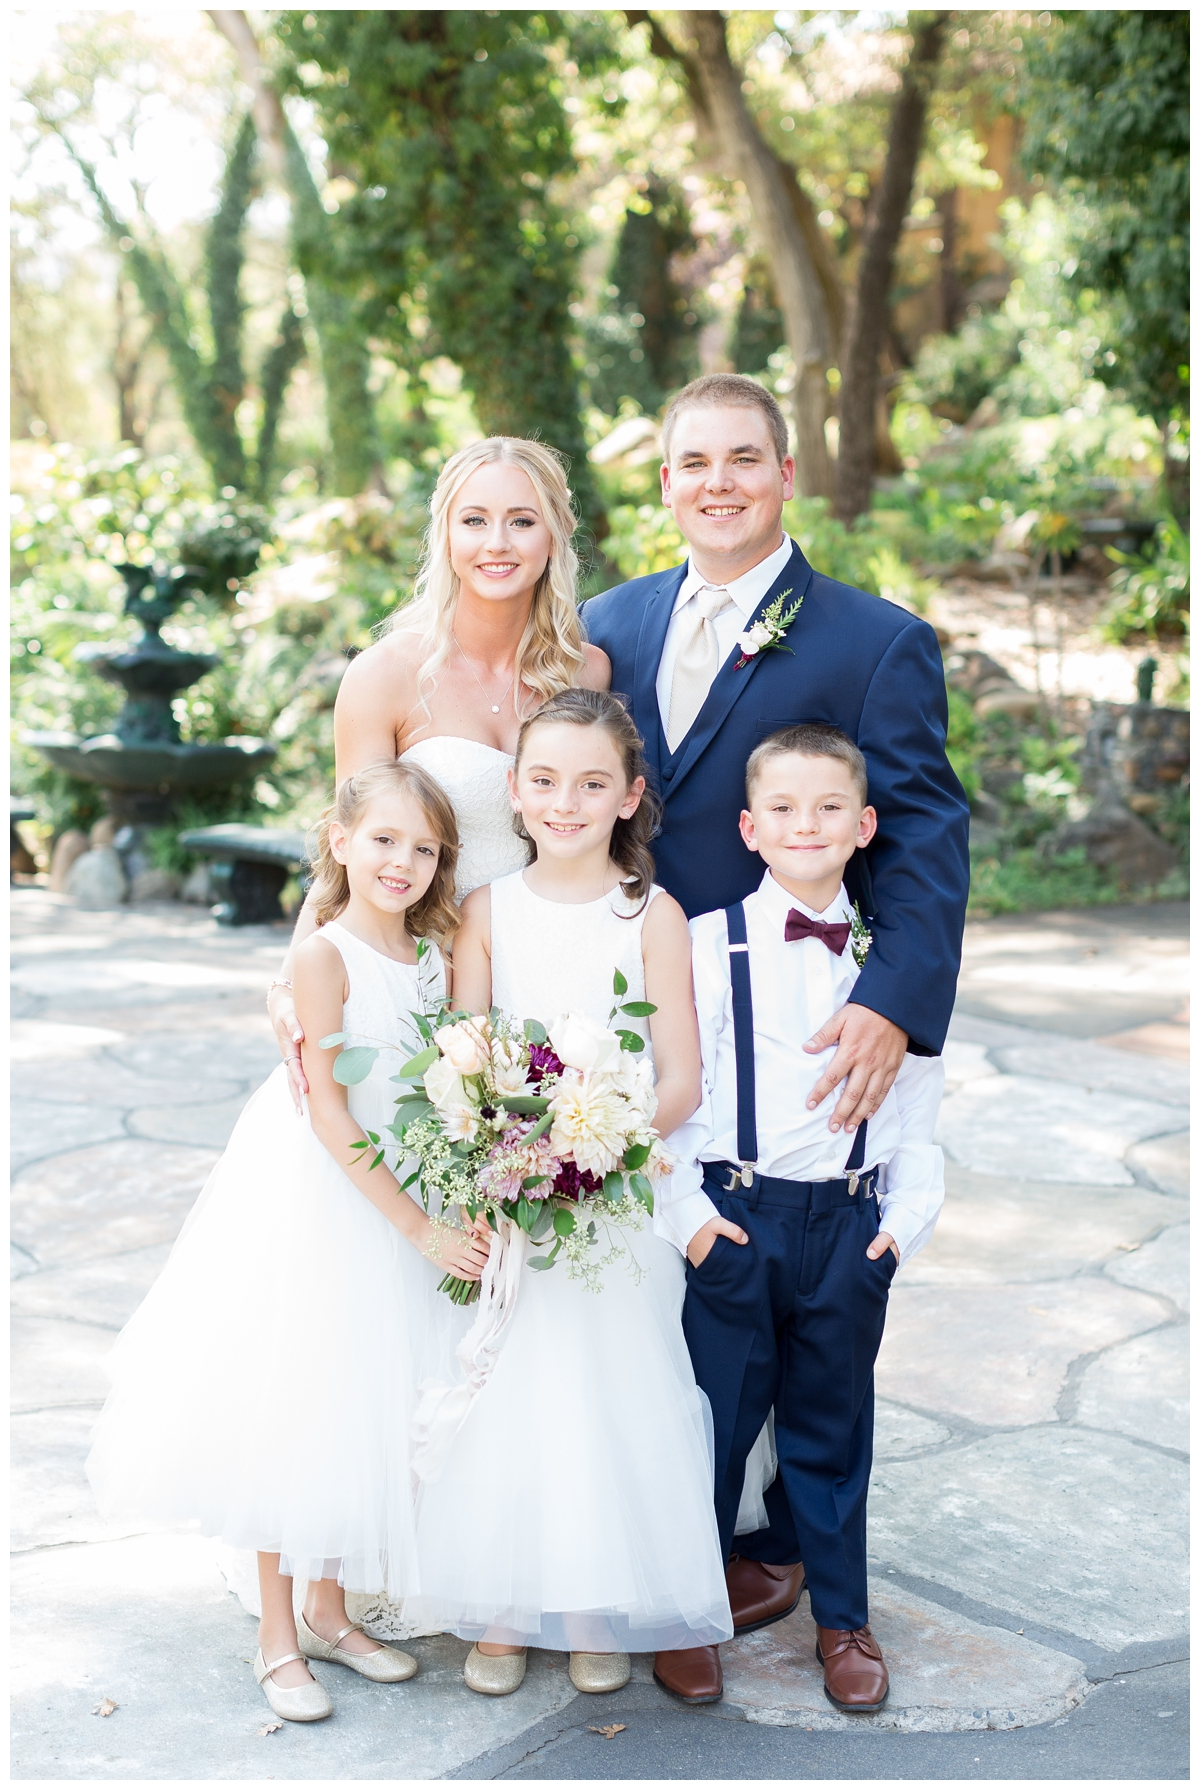 Centerville-Estates-Wedding-Photographer_5914.jpg